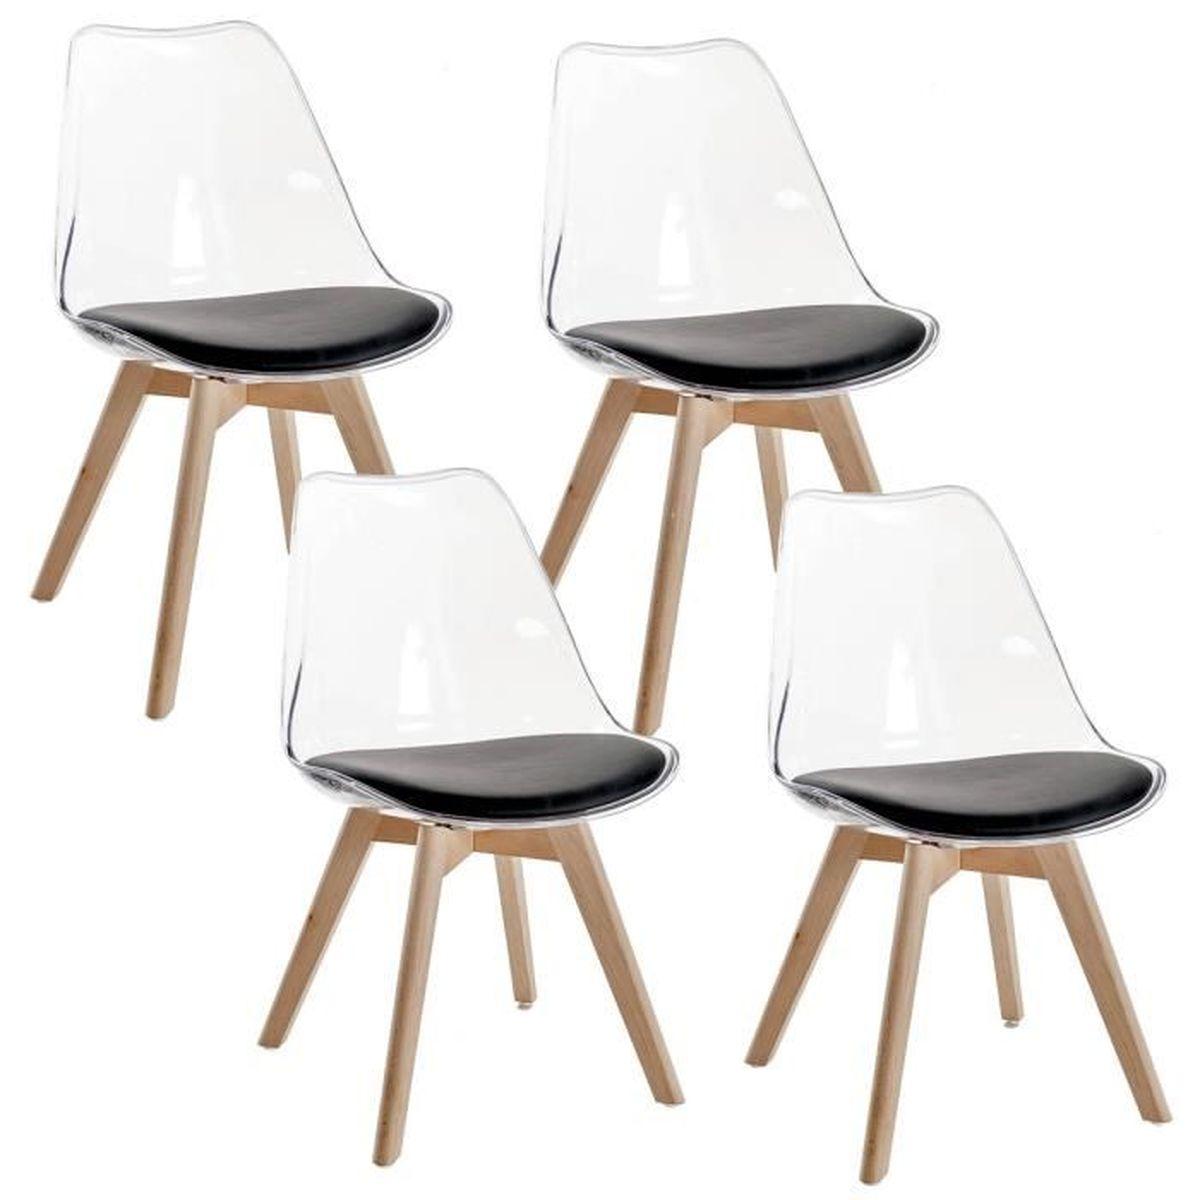 chaise lot de 4 chaises scandinaves transparent noir - Chaises Scandinaves Transparentes